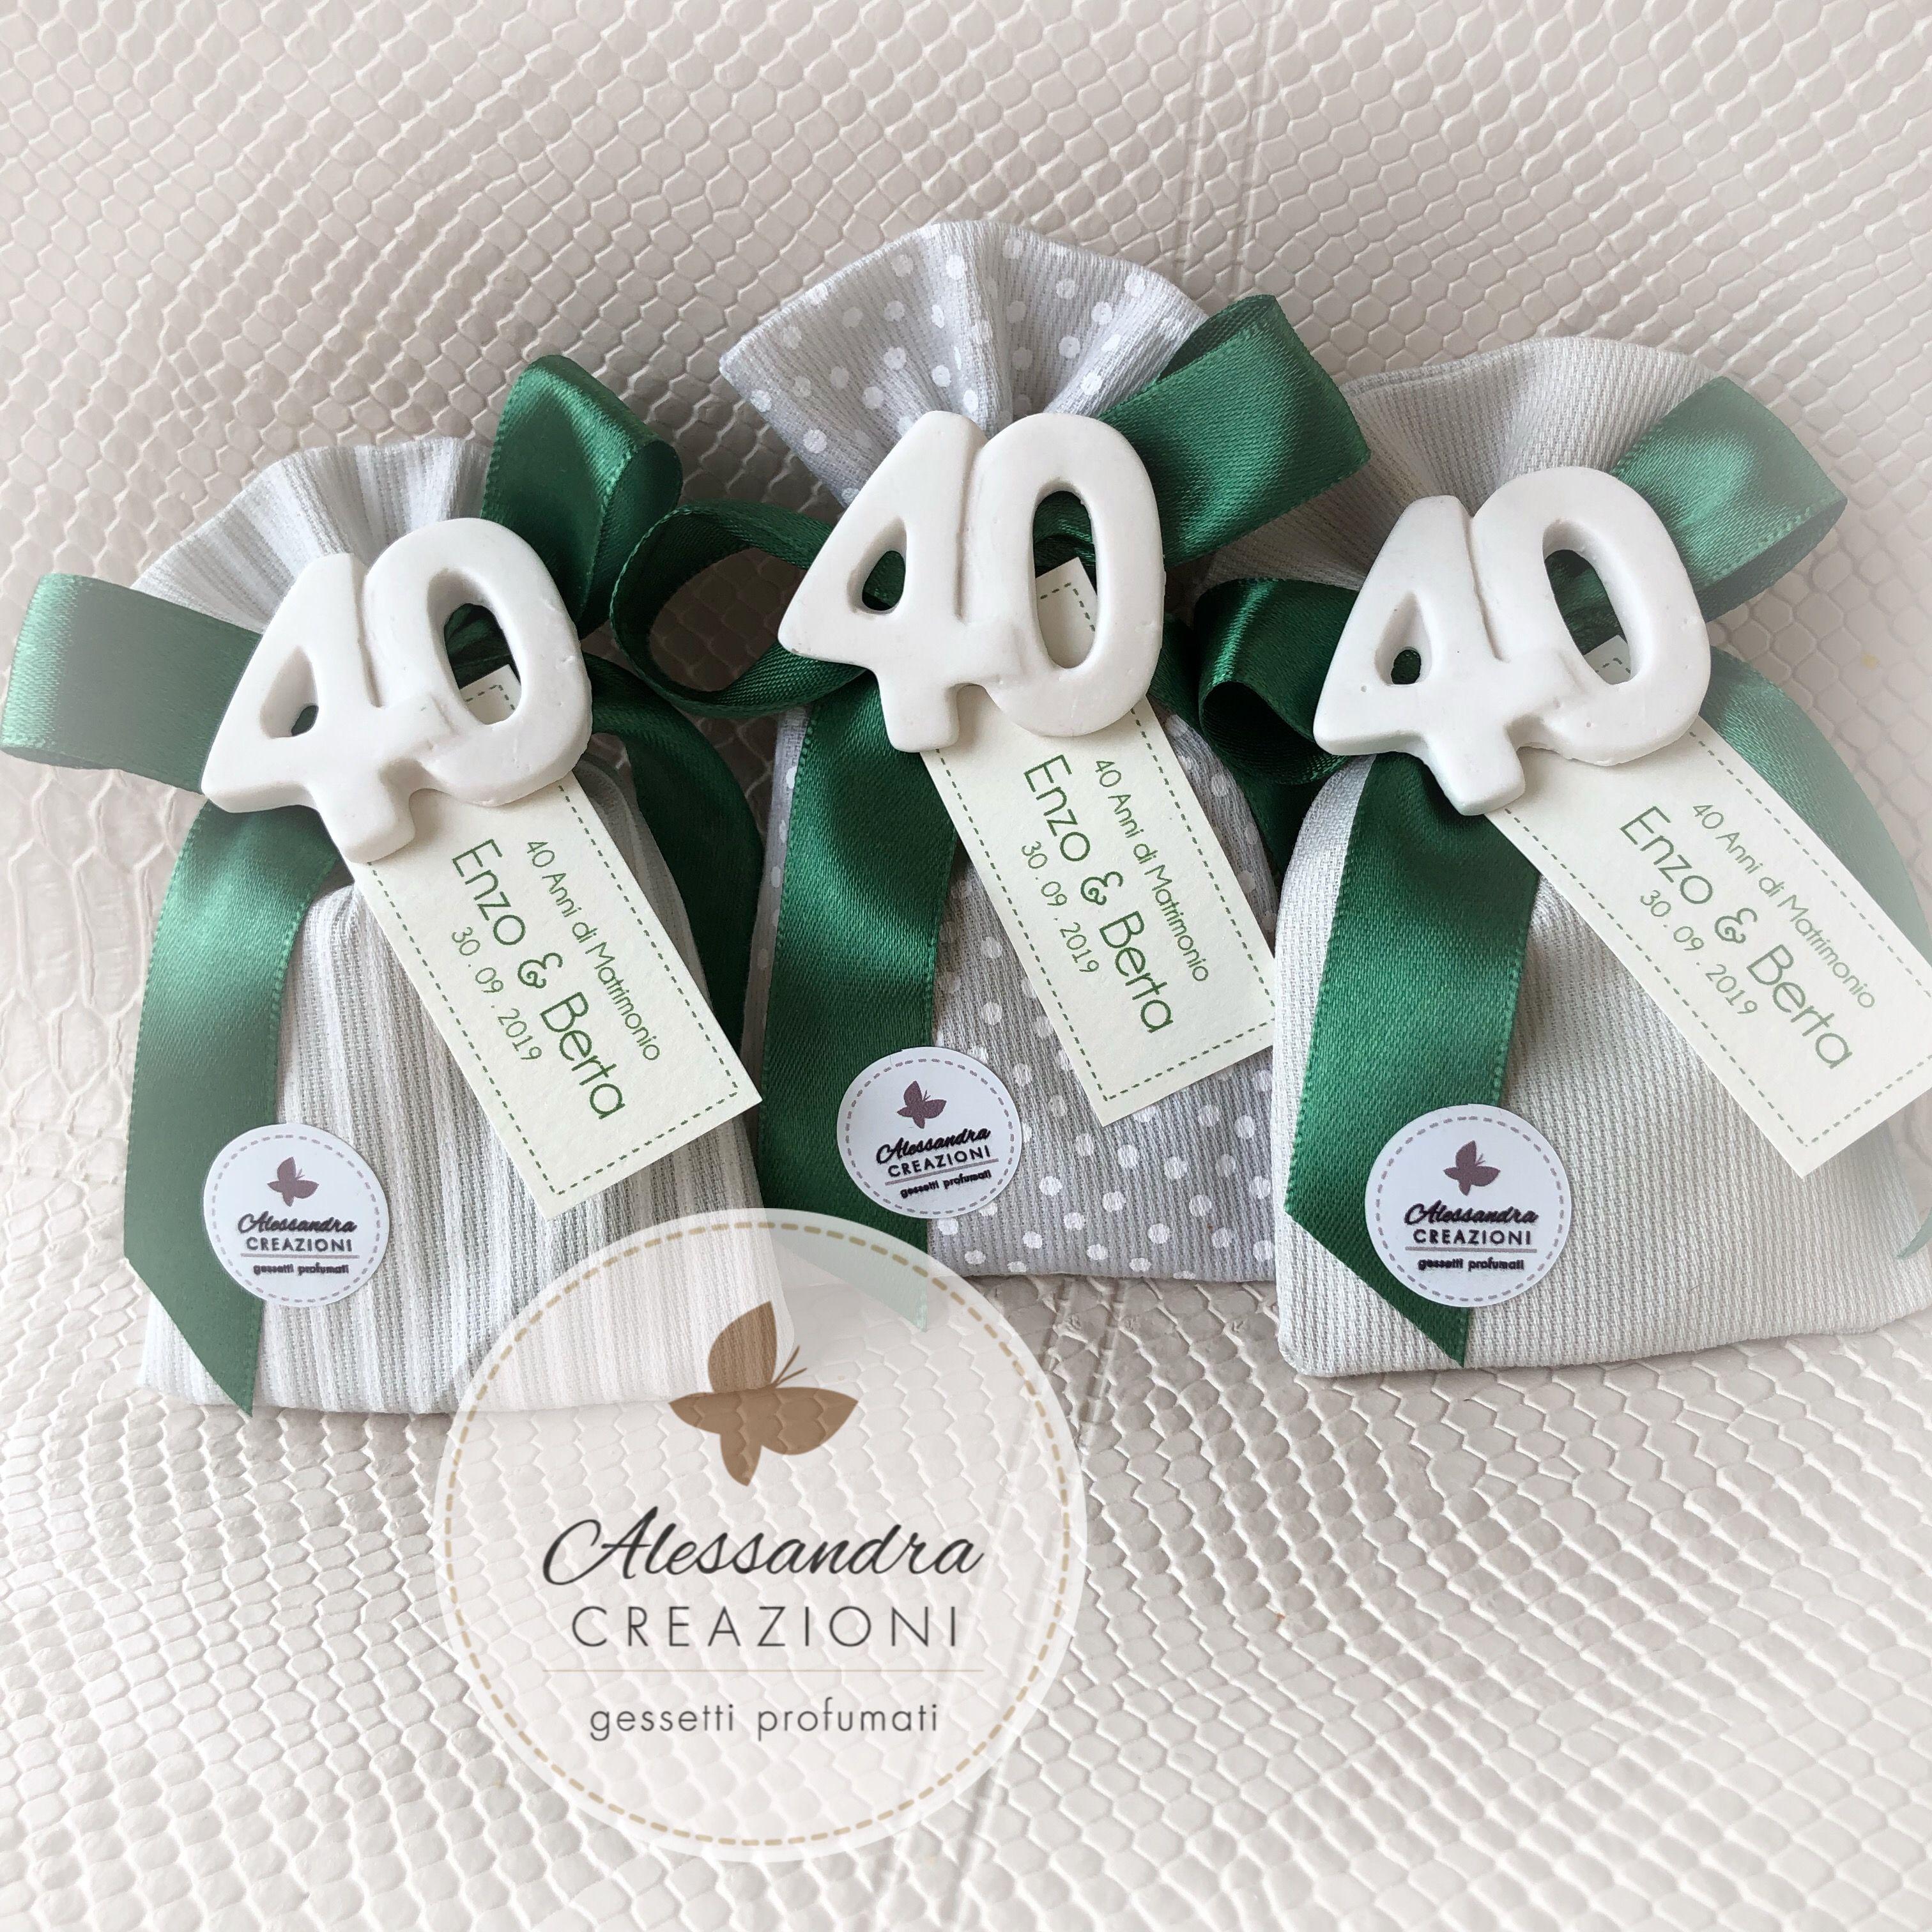 Conosciuto Bomboniere Anniversario Matrimonio Verde Smeraldo Gessetti 40 anni HX91